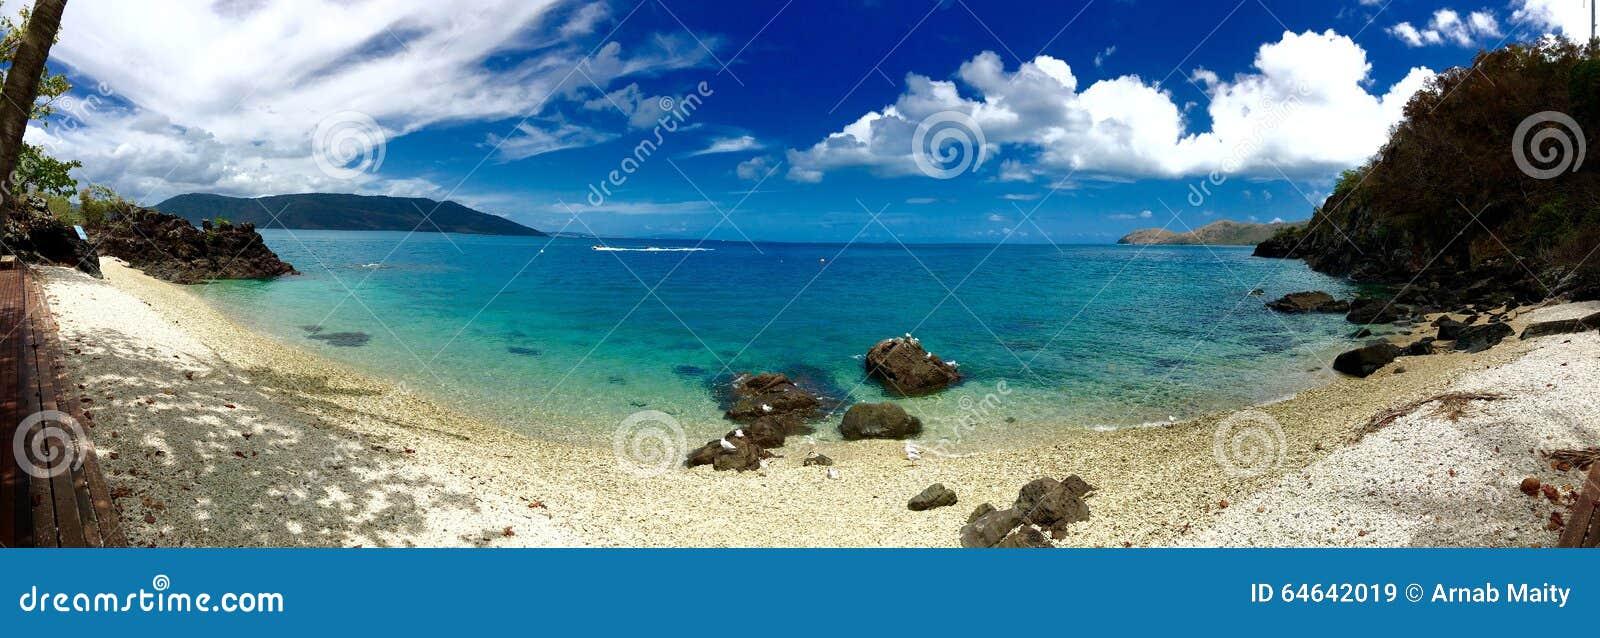 daydream island panorama airlie beach whitsundays